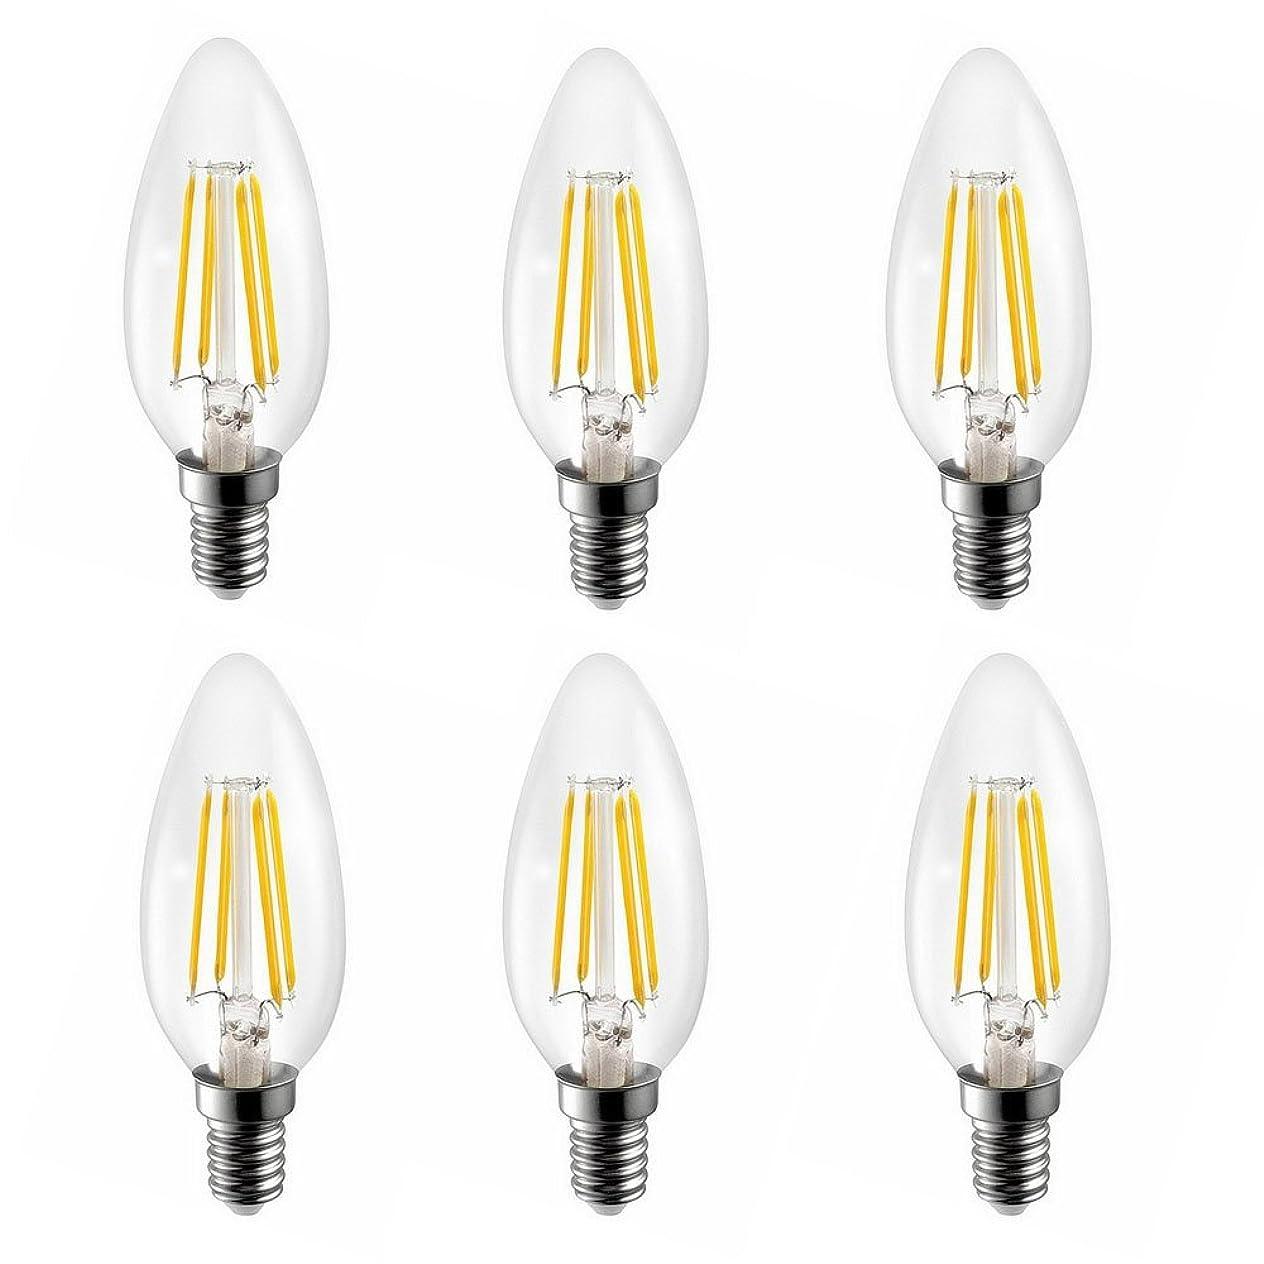 無能管理しますシネマKiven E17 口金 4W LED電球 電球色 2700K ?蝋燭型 LEDクリア電球 天井照明 装飾 ? シャンデリア用 LED フィラメント電球 (6個入)